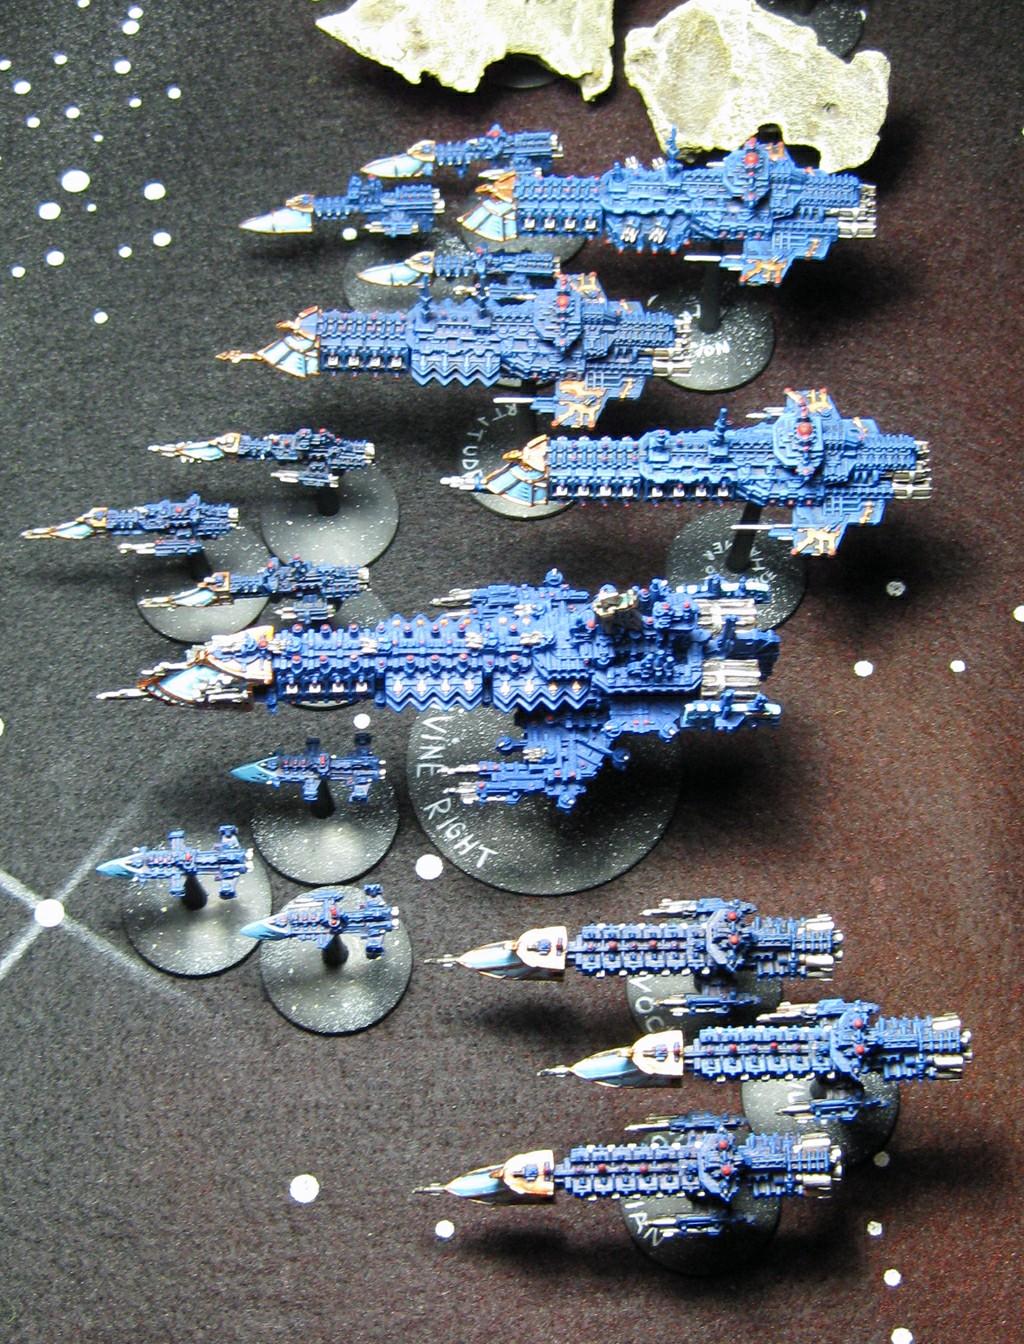 http://dismember.free.fr/bfg/imperial_fleet_02.jpg